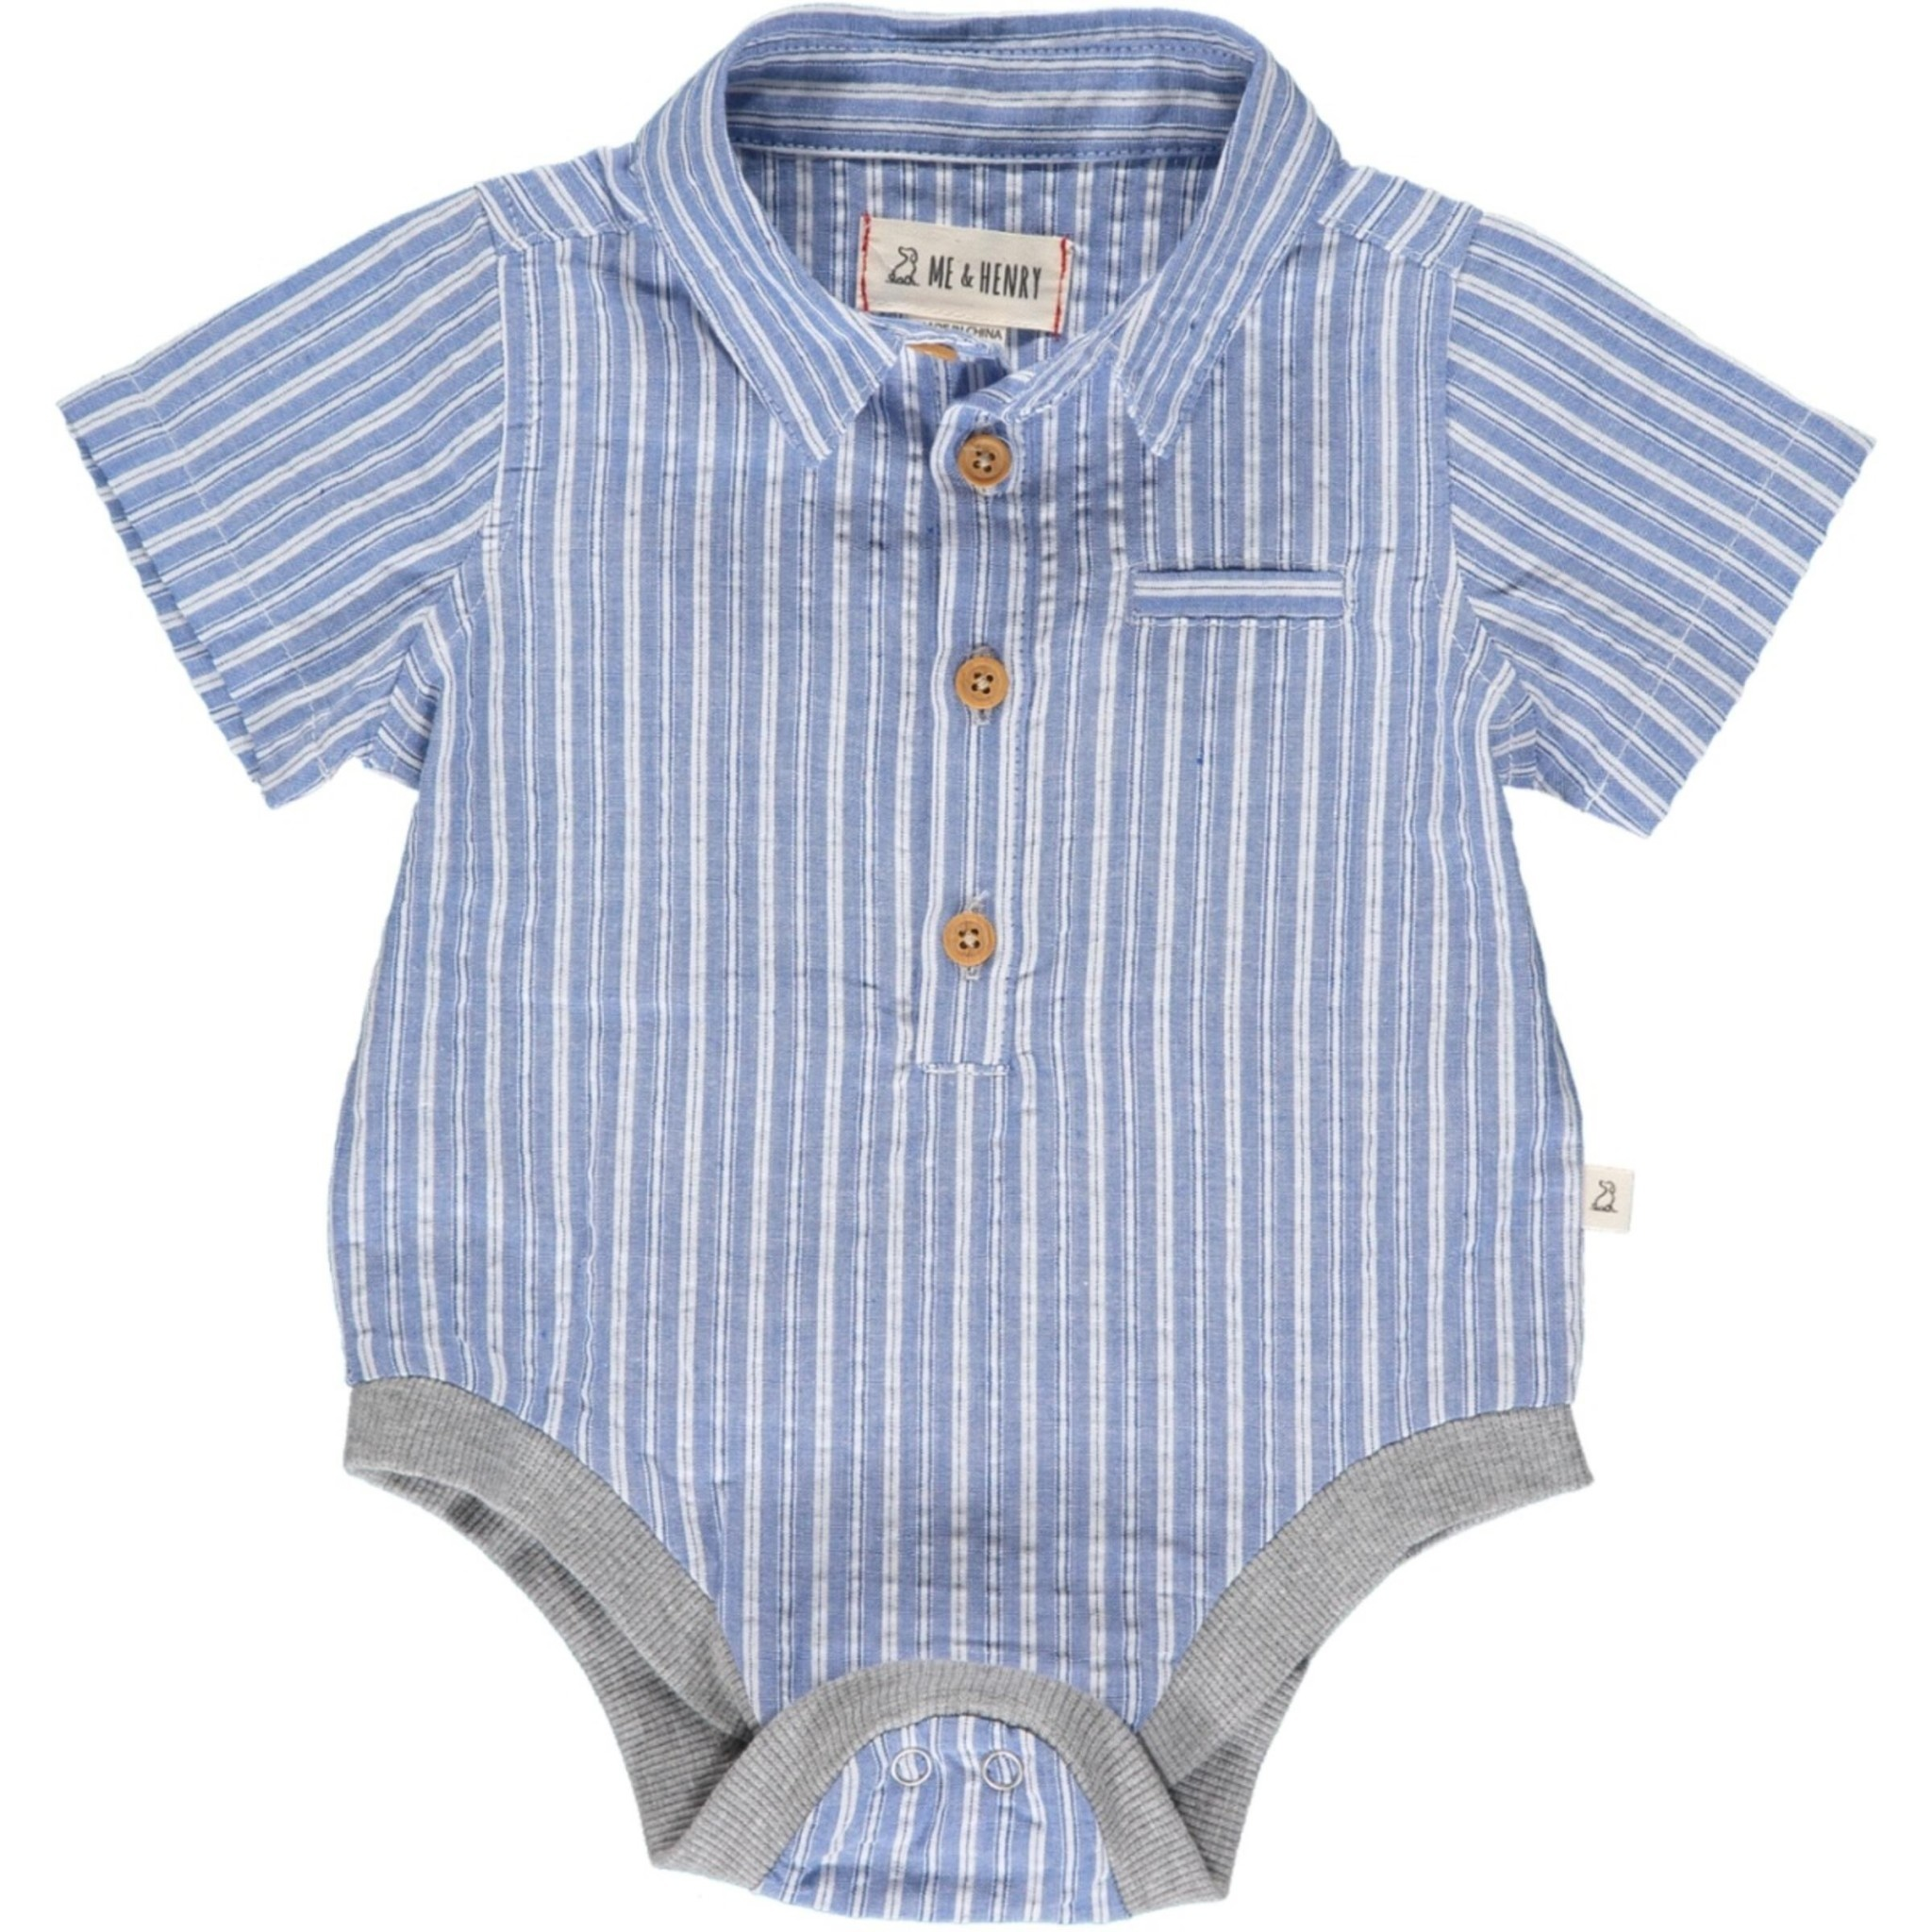 Me + Henry Helford Short Sleeved Onesie, Blue/White Stripe